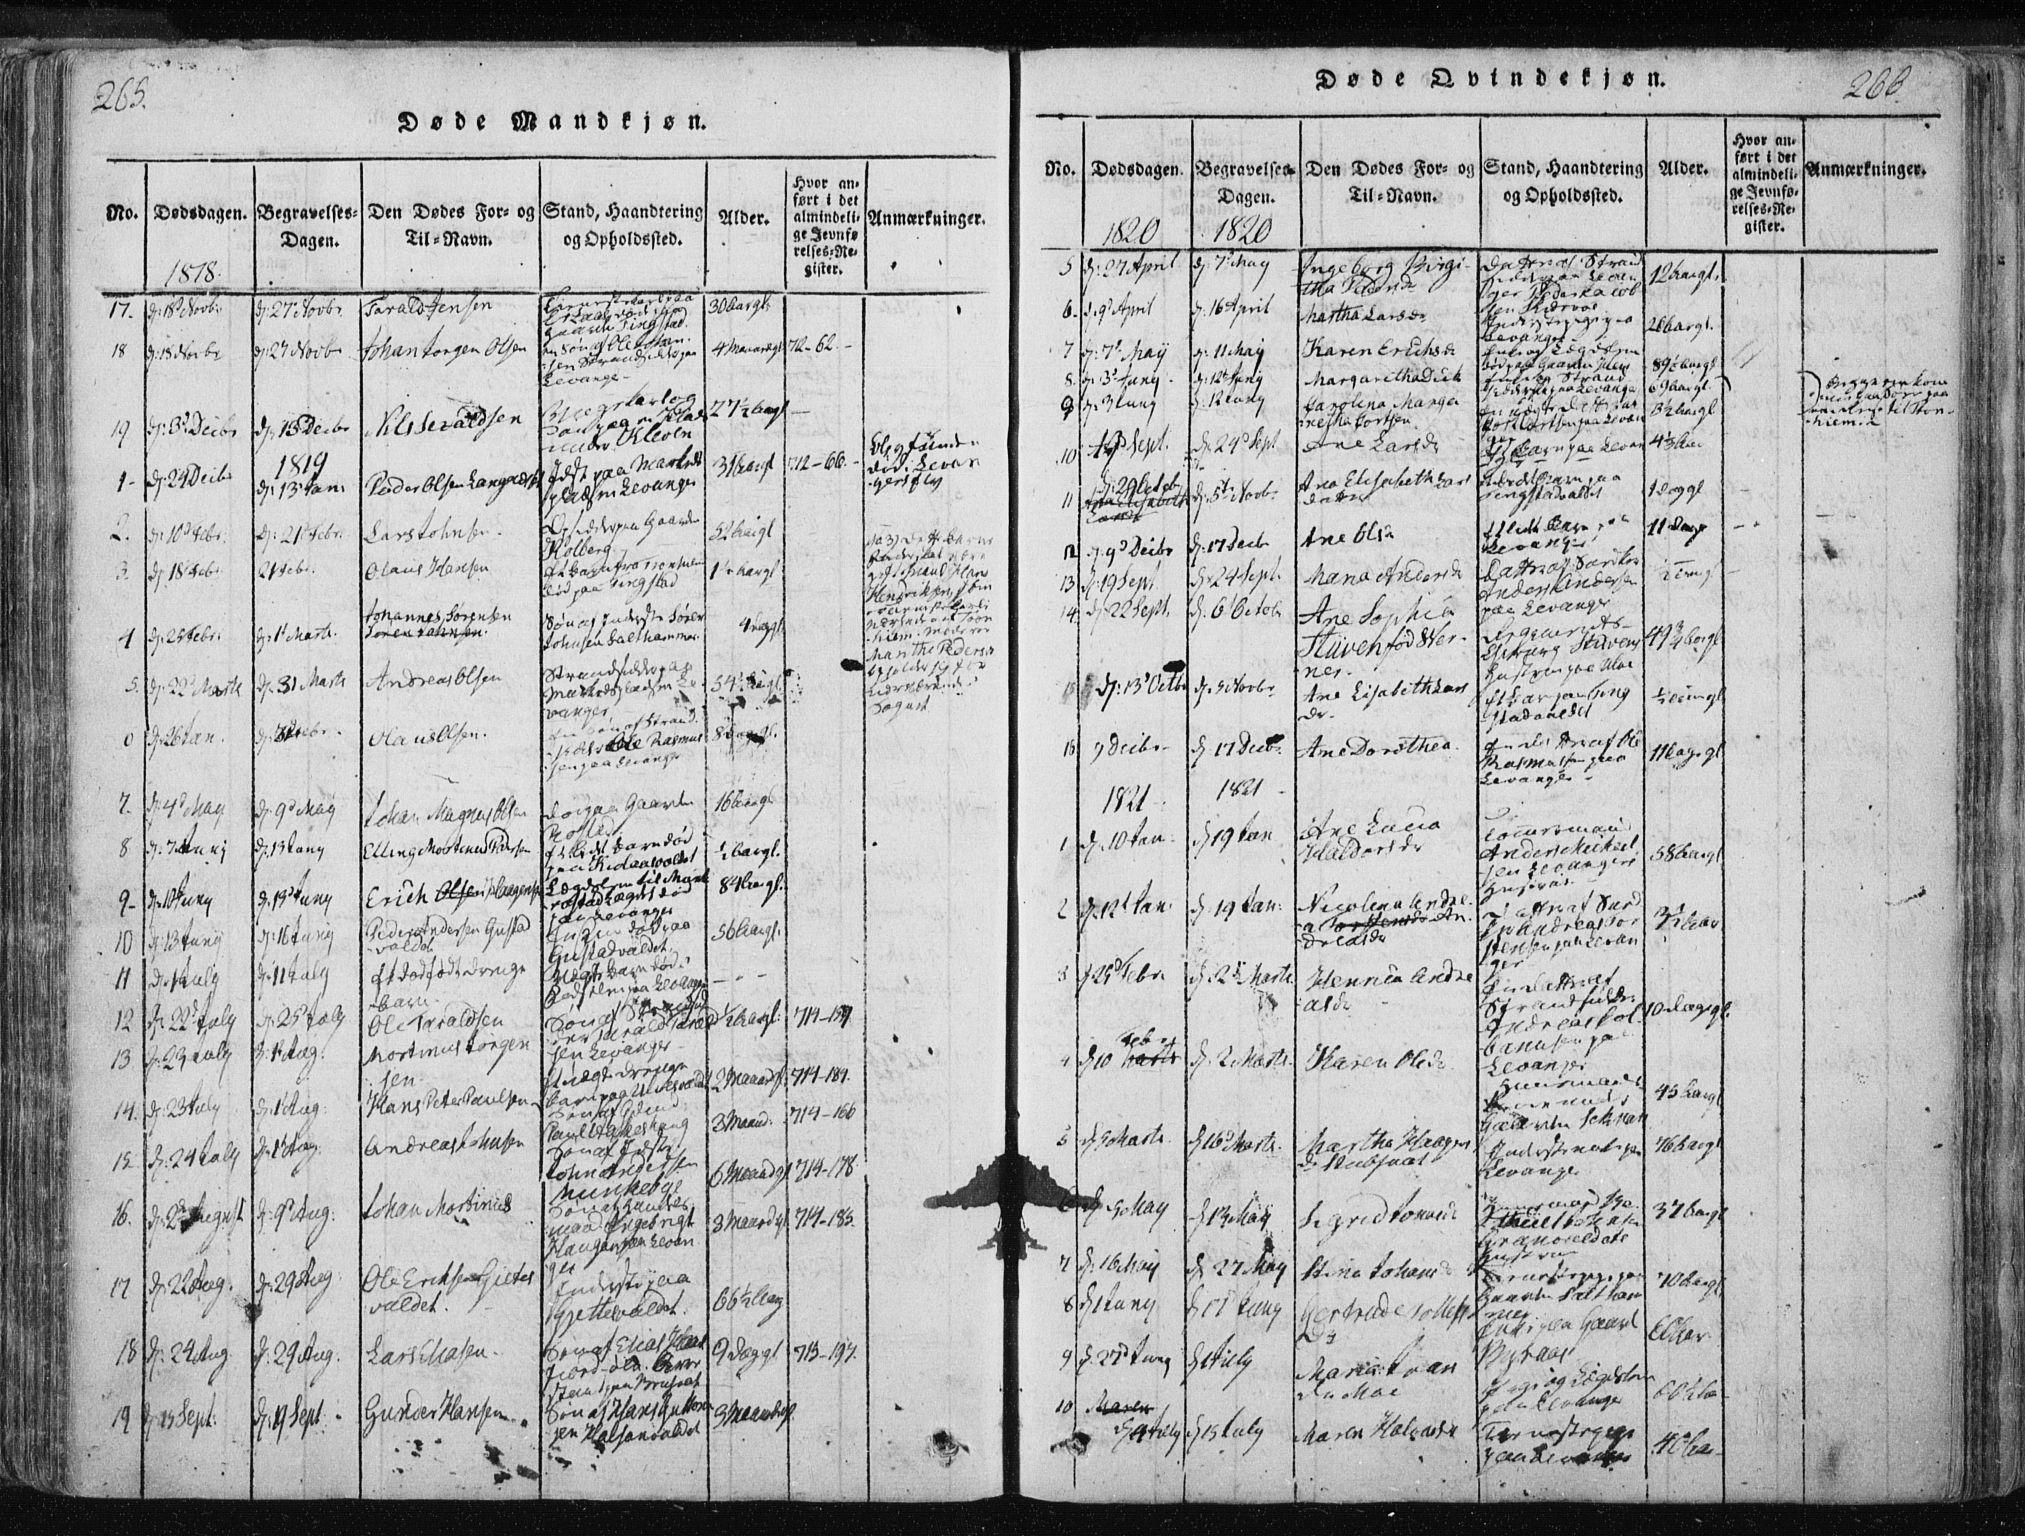 SAT, Ministerialprotokoller, klokkerbøker og fødselsregistre - Nord-Trøndelag, 717/L0148: Ministerialbok nr. 717A04 /2, 1816-1825, s. 265-266